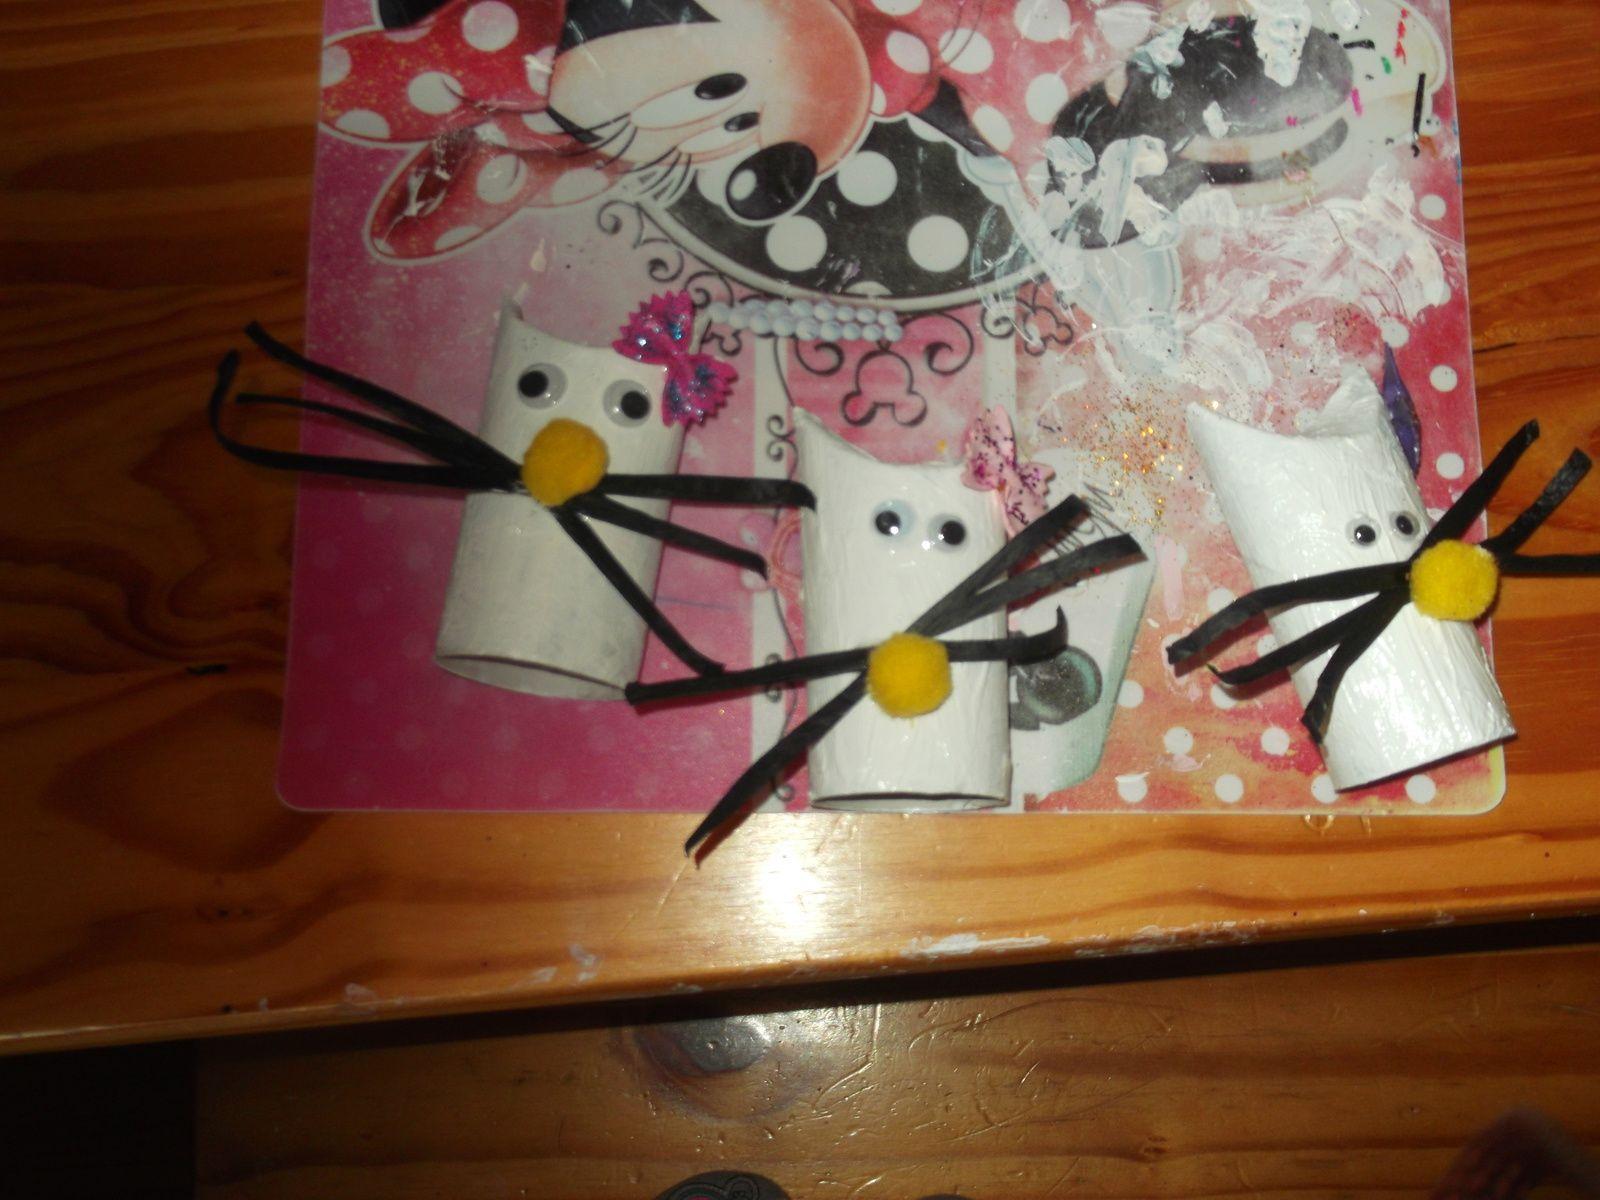 En mode récup' de rouleaux de papier WC,  Lily fabrique des Hello Kitty ...